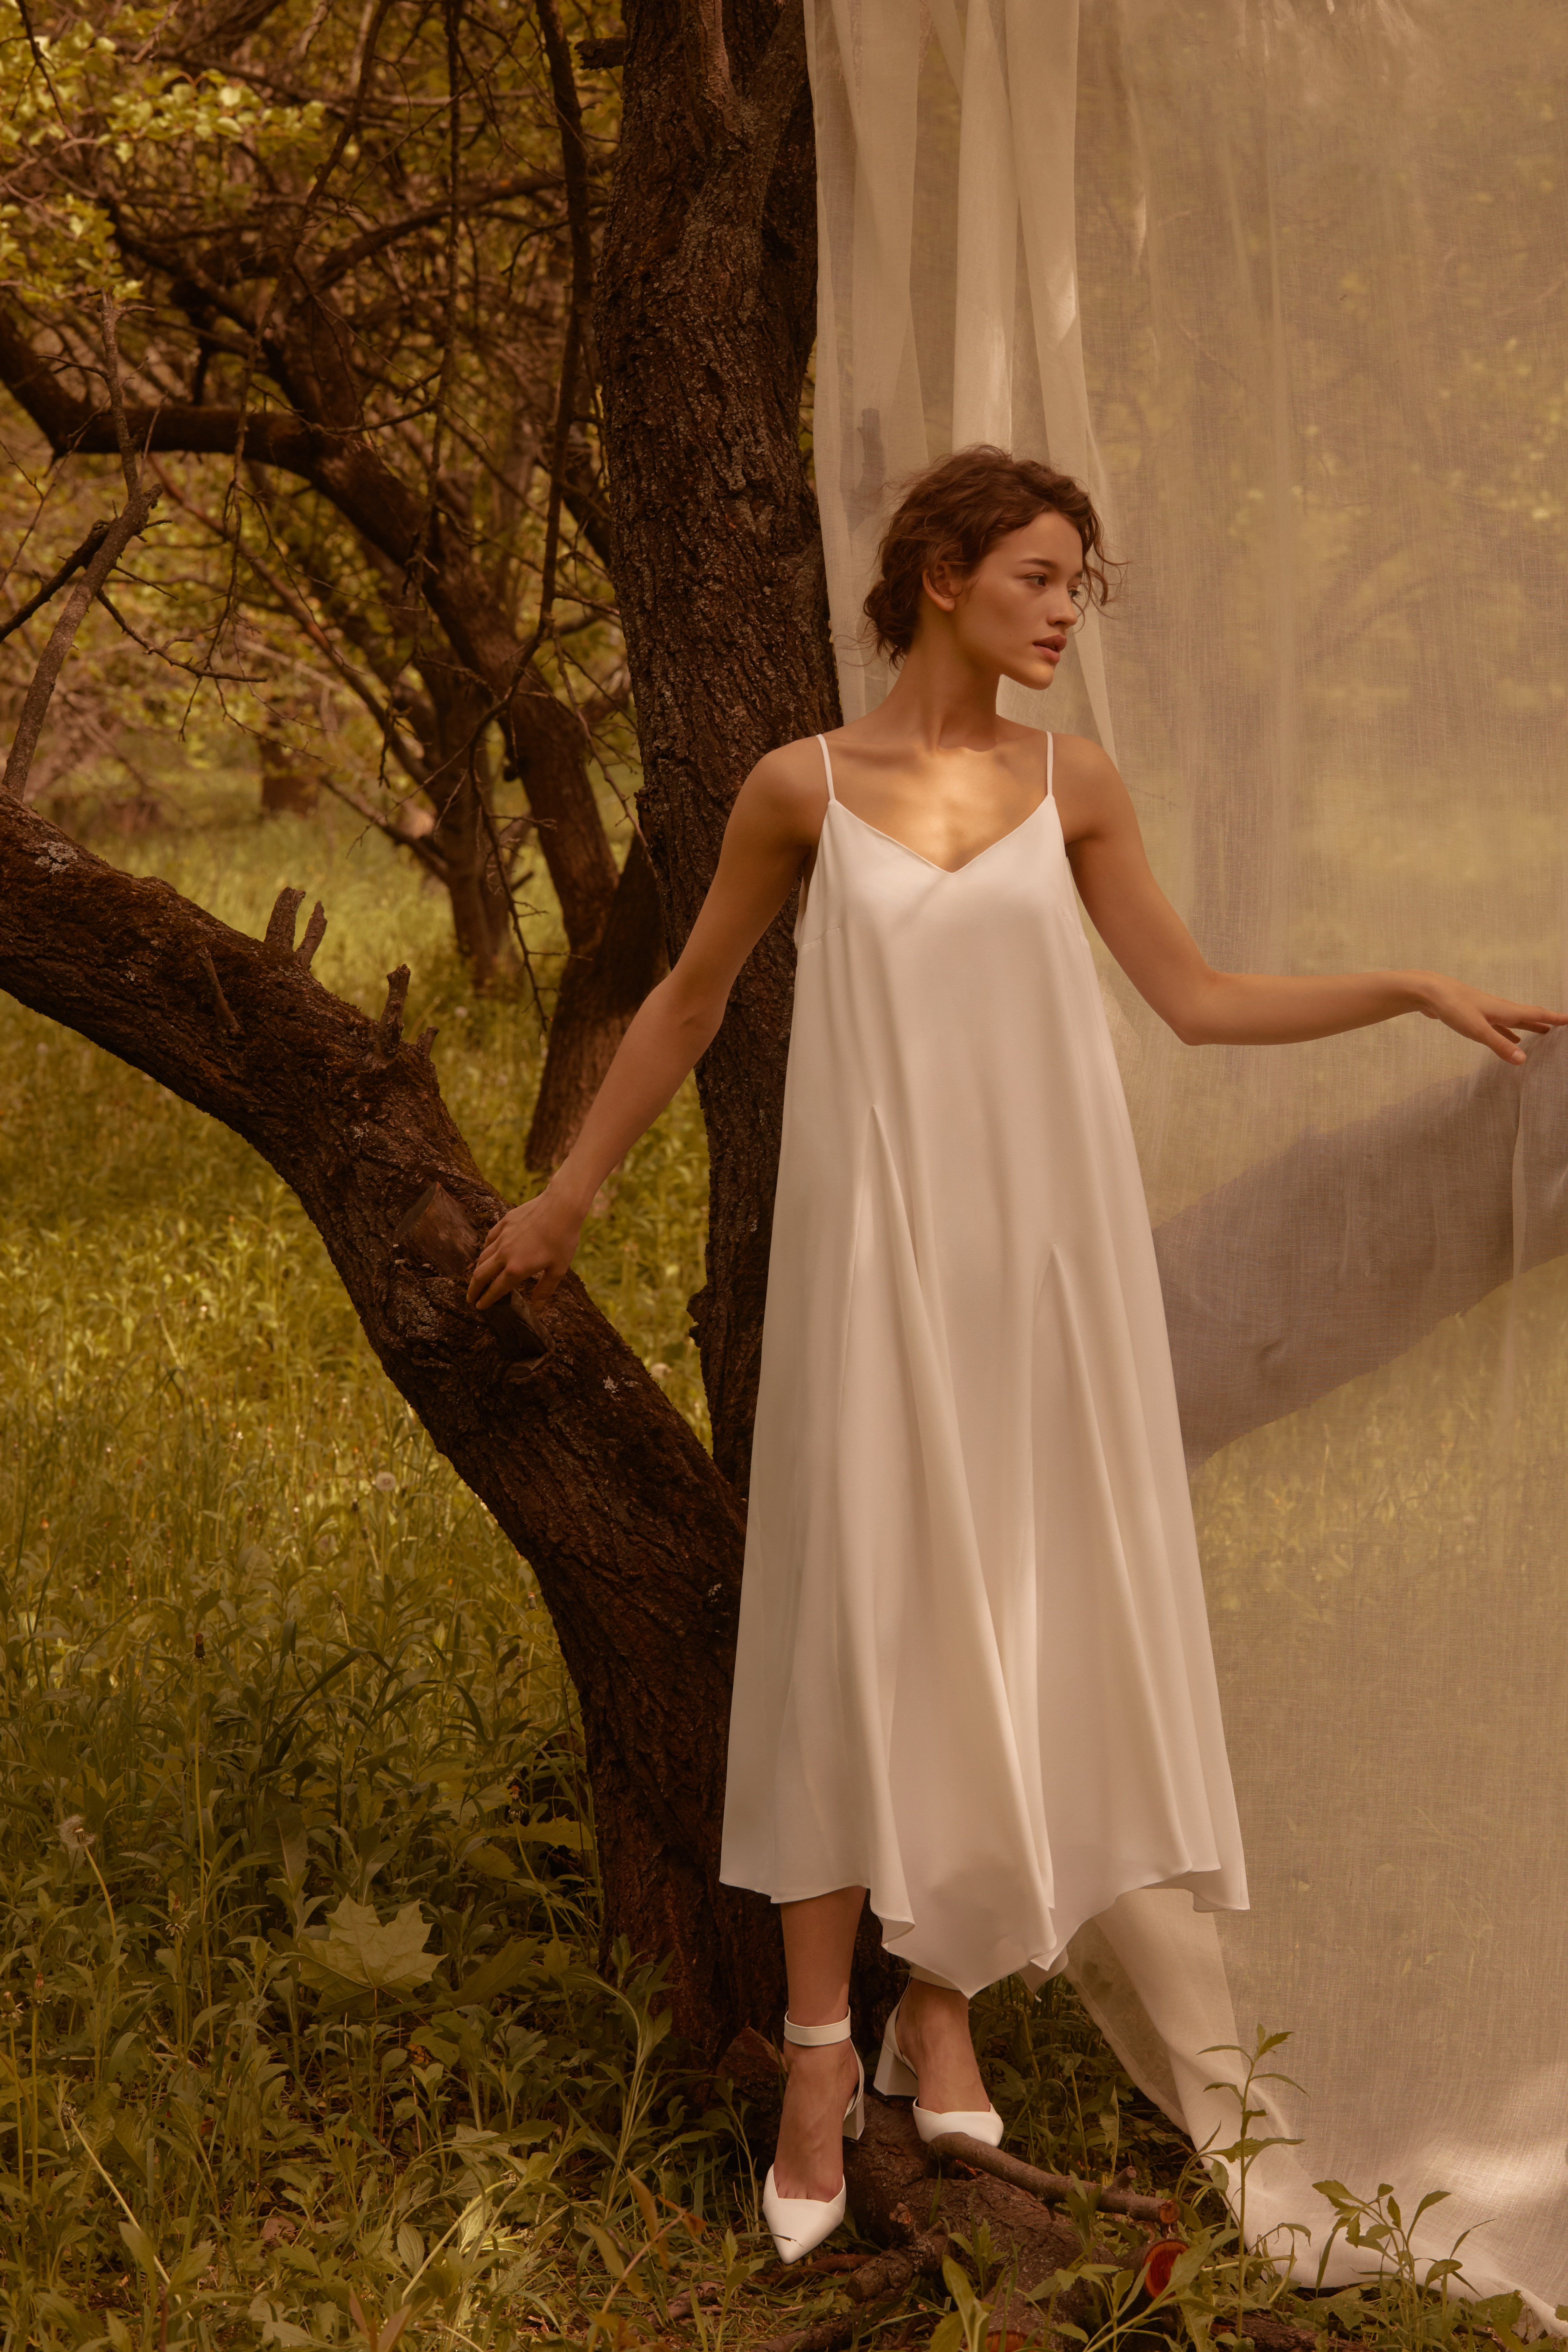 Лесная песня, лилия и образ Мавки в новой коллекции - Total White x SHUSHAN 1